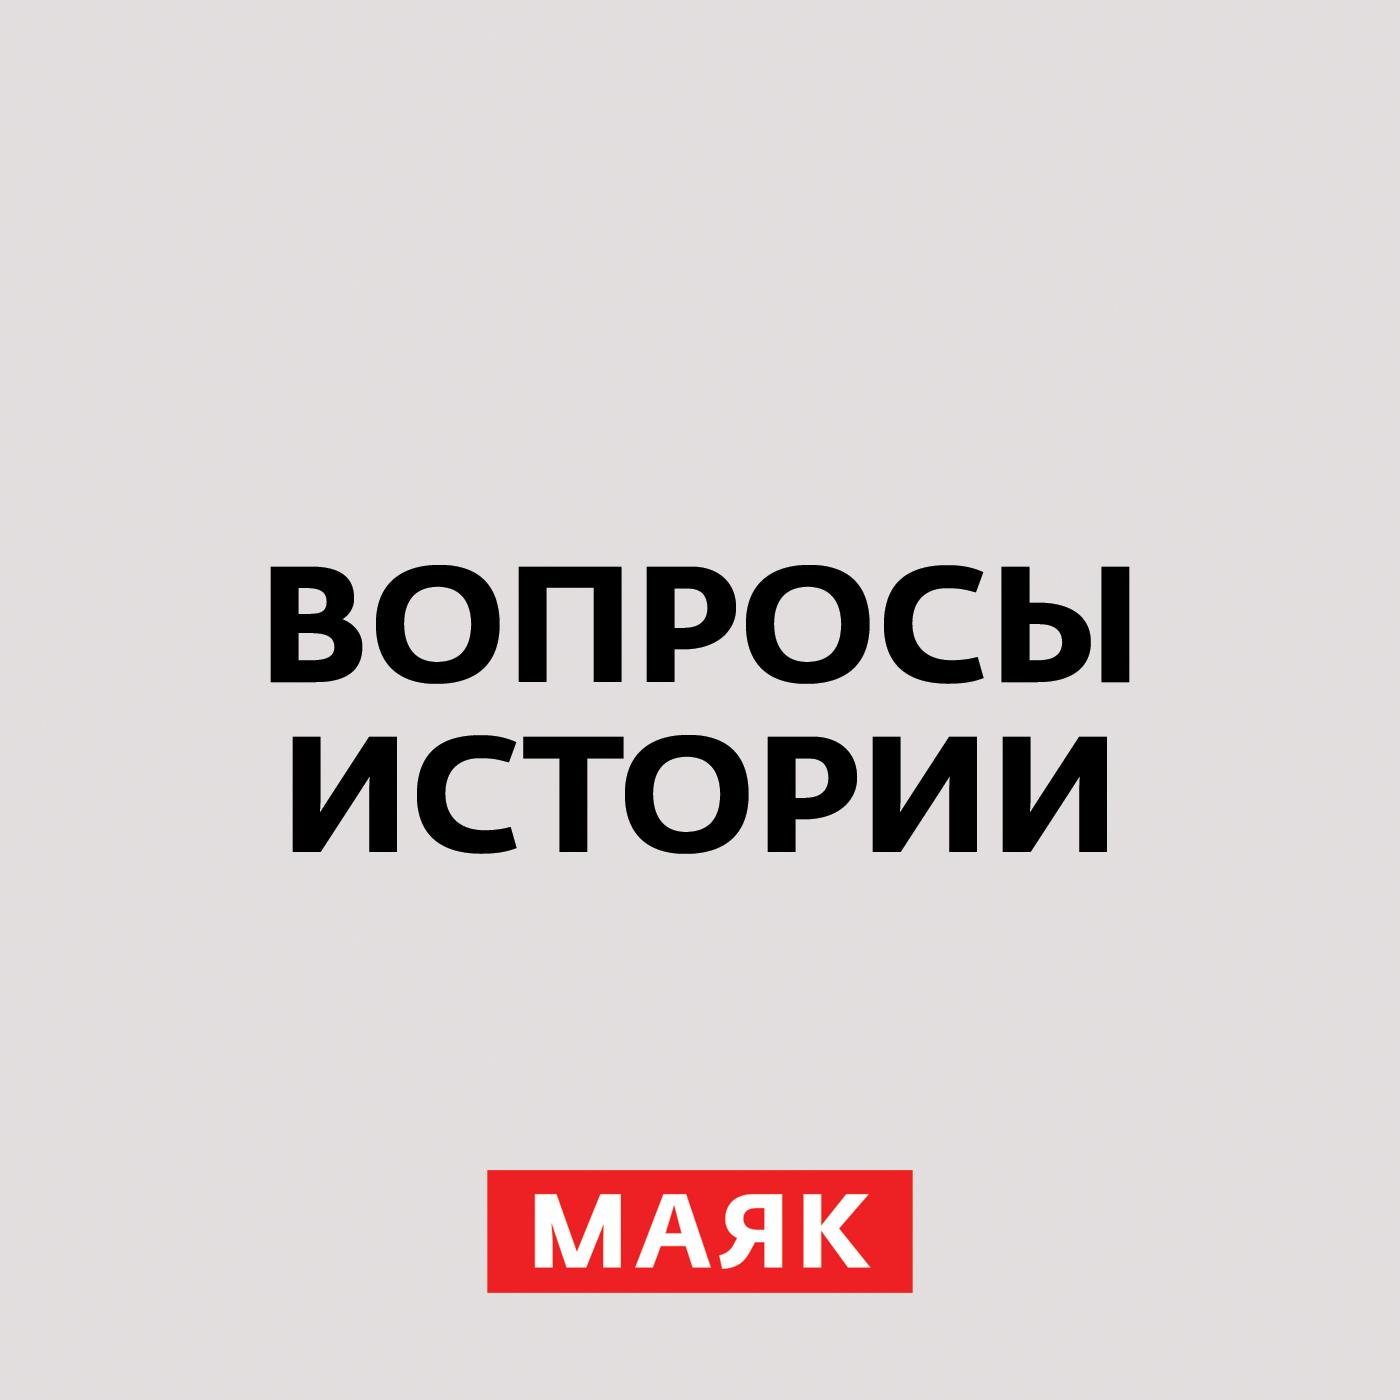 Андрей Светенко Русско-турецкие войны: парадоксальное и малоизвестное. Часть 2